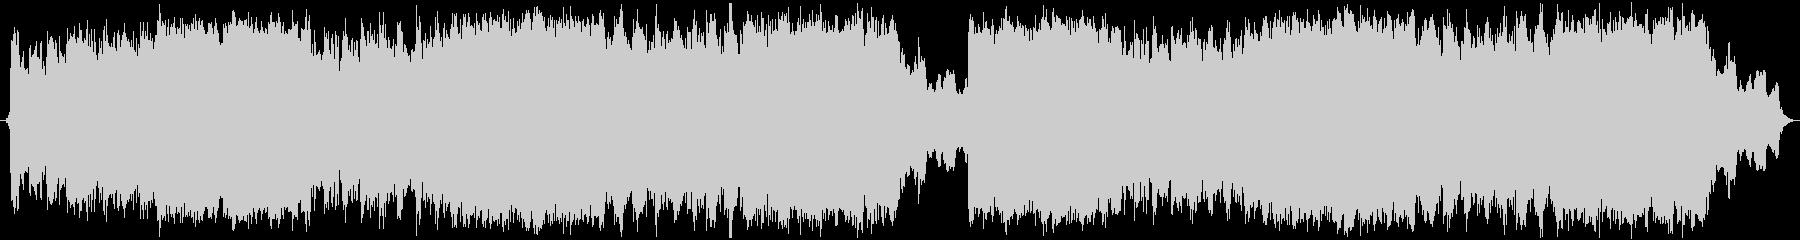 FF風バトル オーケストラ クールBGMの未再生の波形